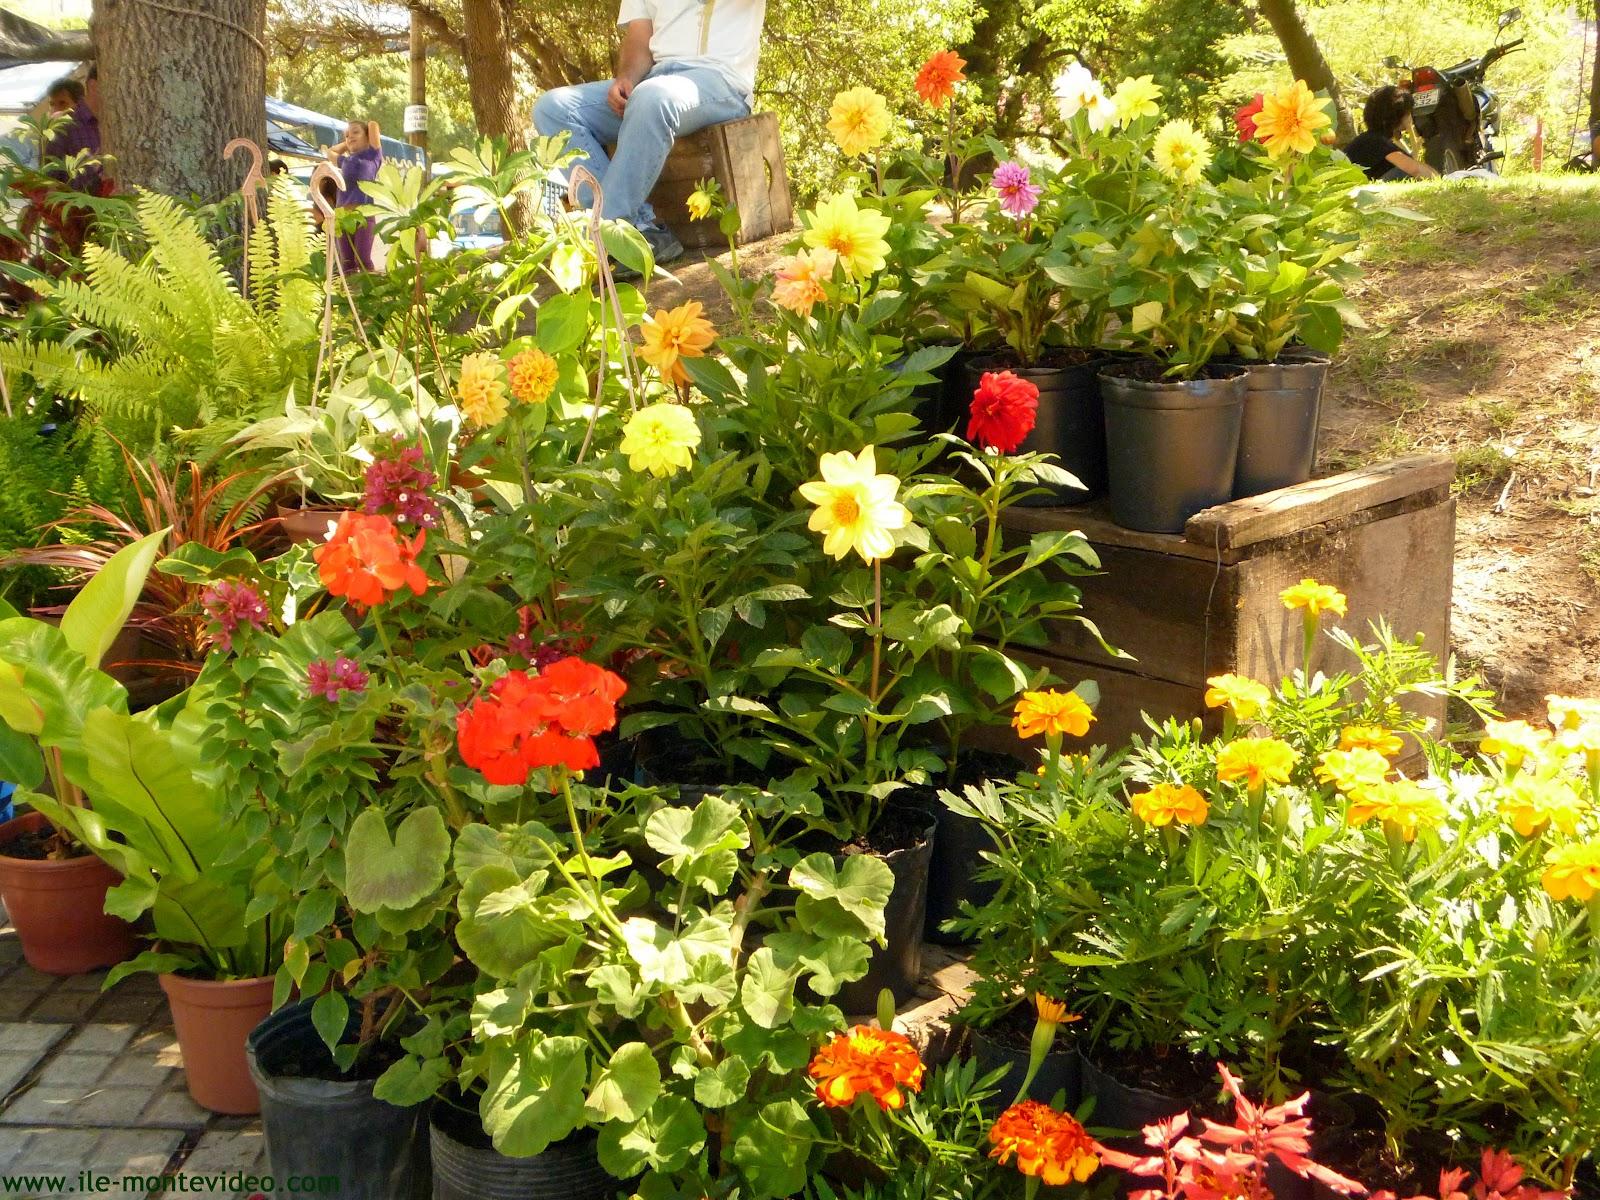 Fotos de plantas de jardin imagen estanque jardin for Jardin de plantas